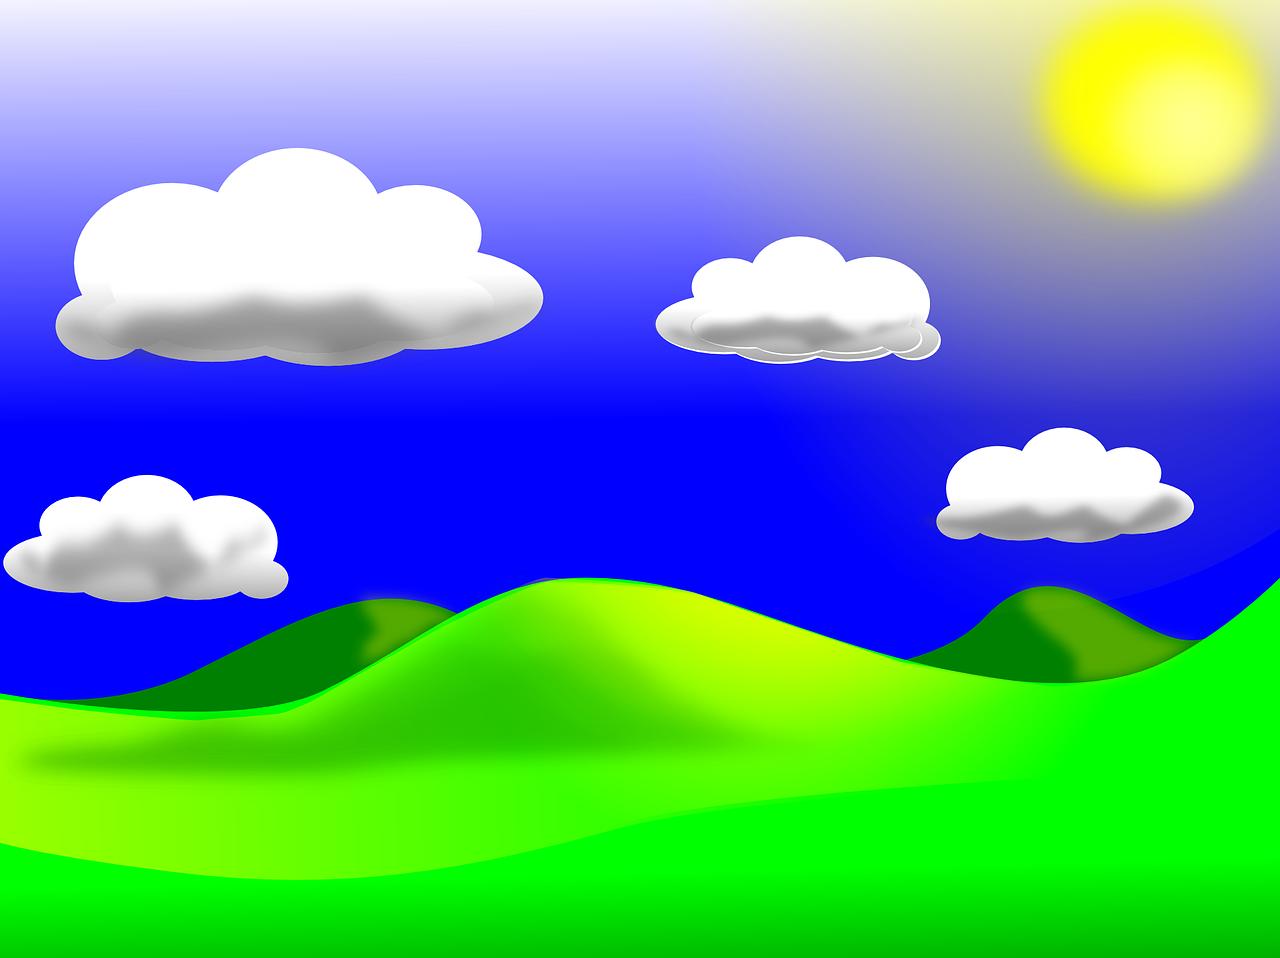 landscape-150382_1280 (1)